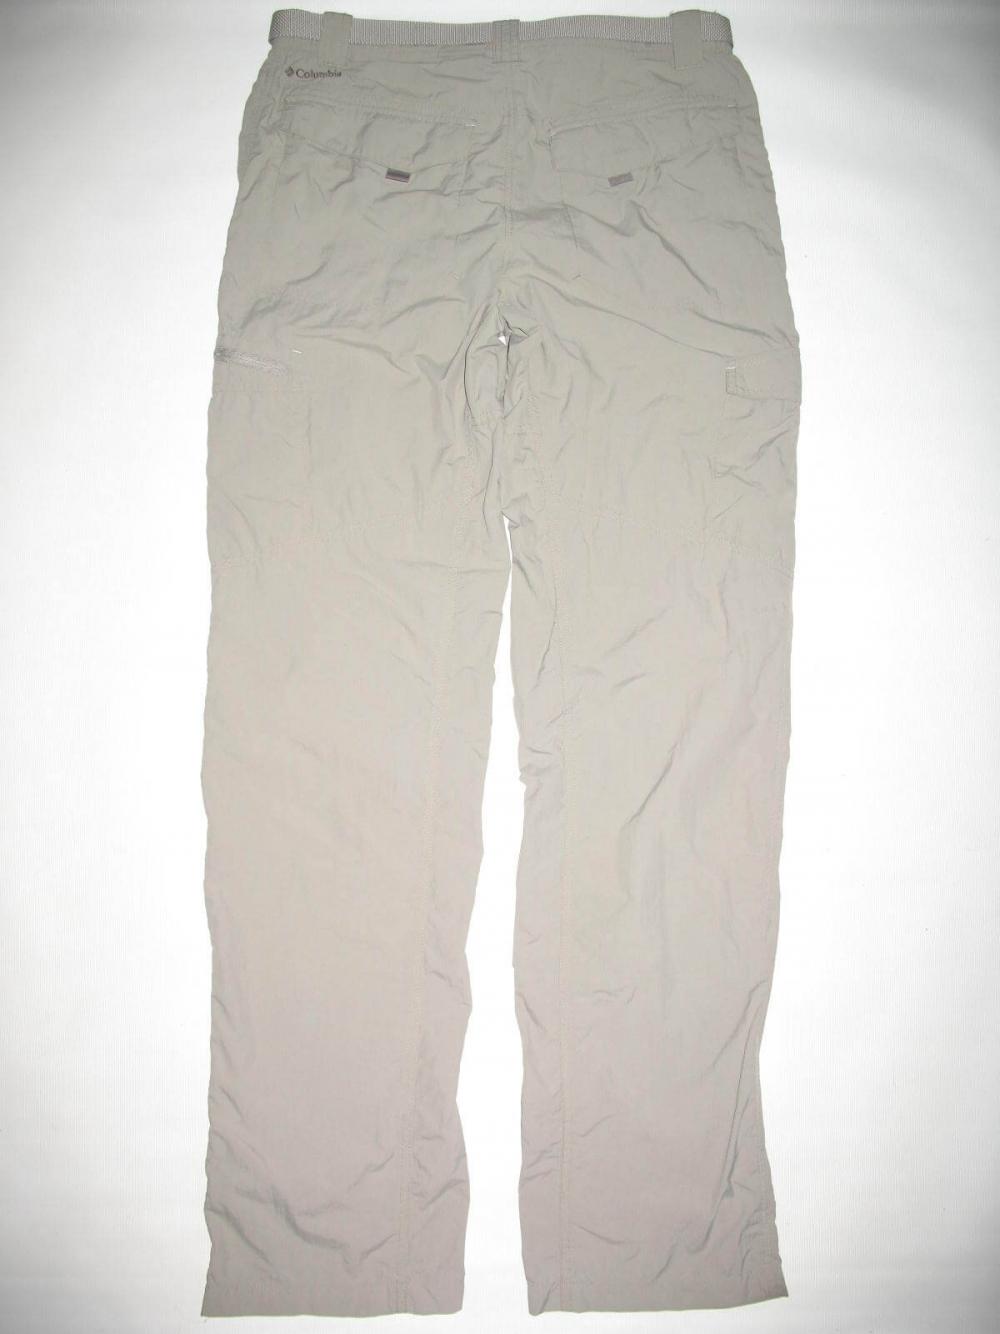 Штаны COLUMBIA Silver Ridge Cargo Pants (размер 48/M) - 3